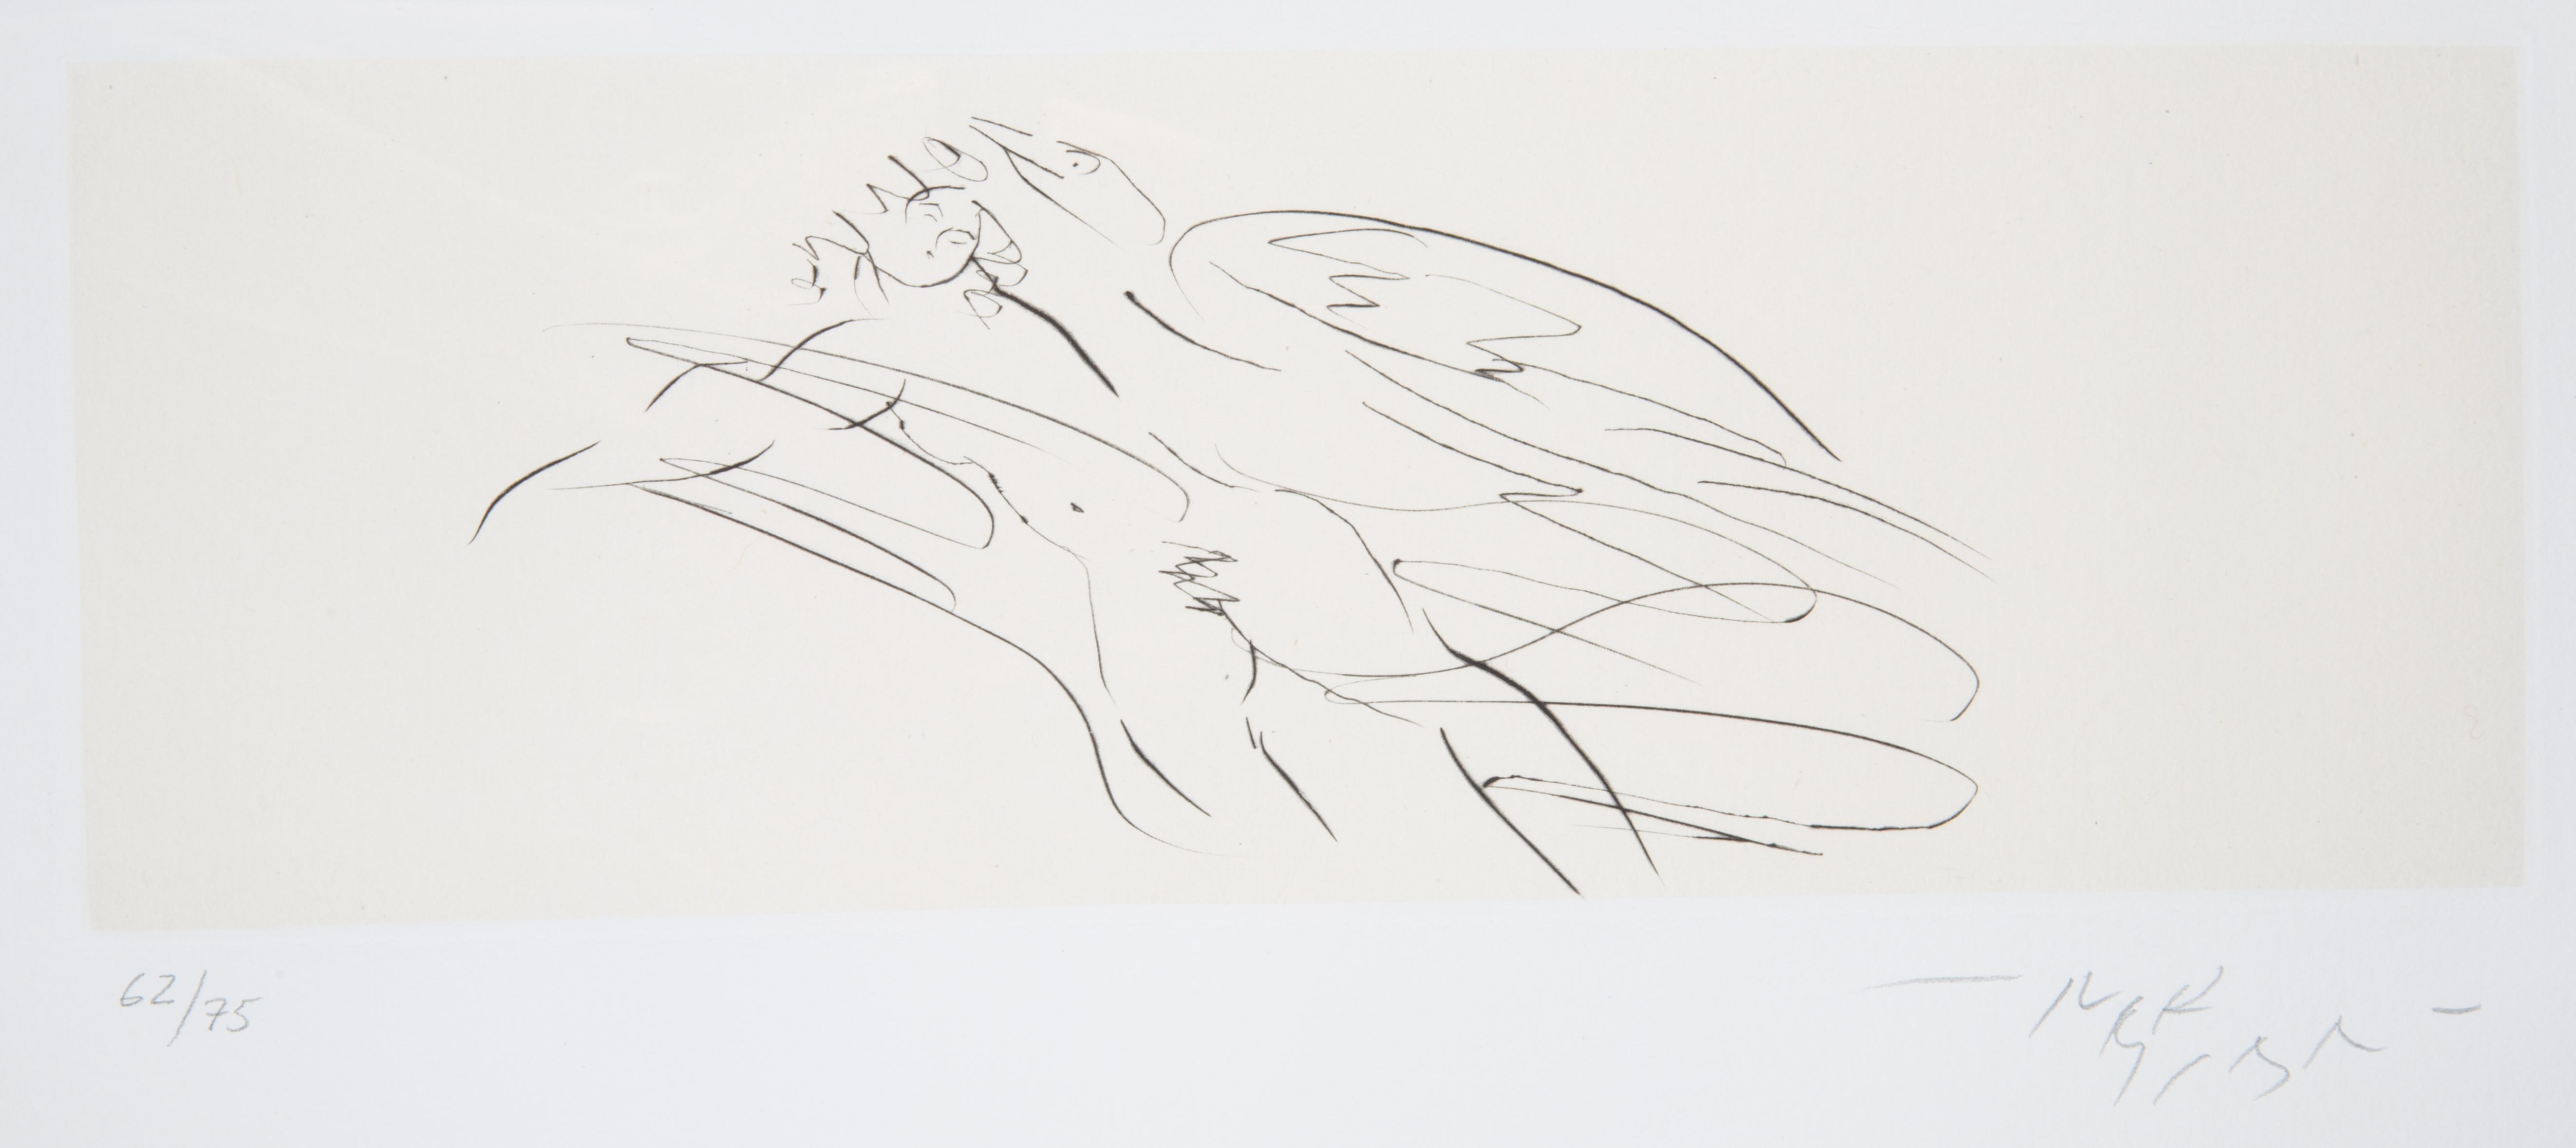 NINE ETCHINGS BY REUBEN NAKIAN (AMERICAN 1897-1986) - Image 10 of 18